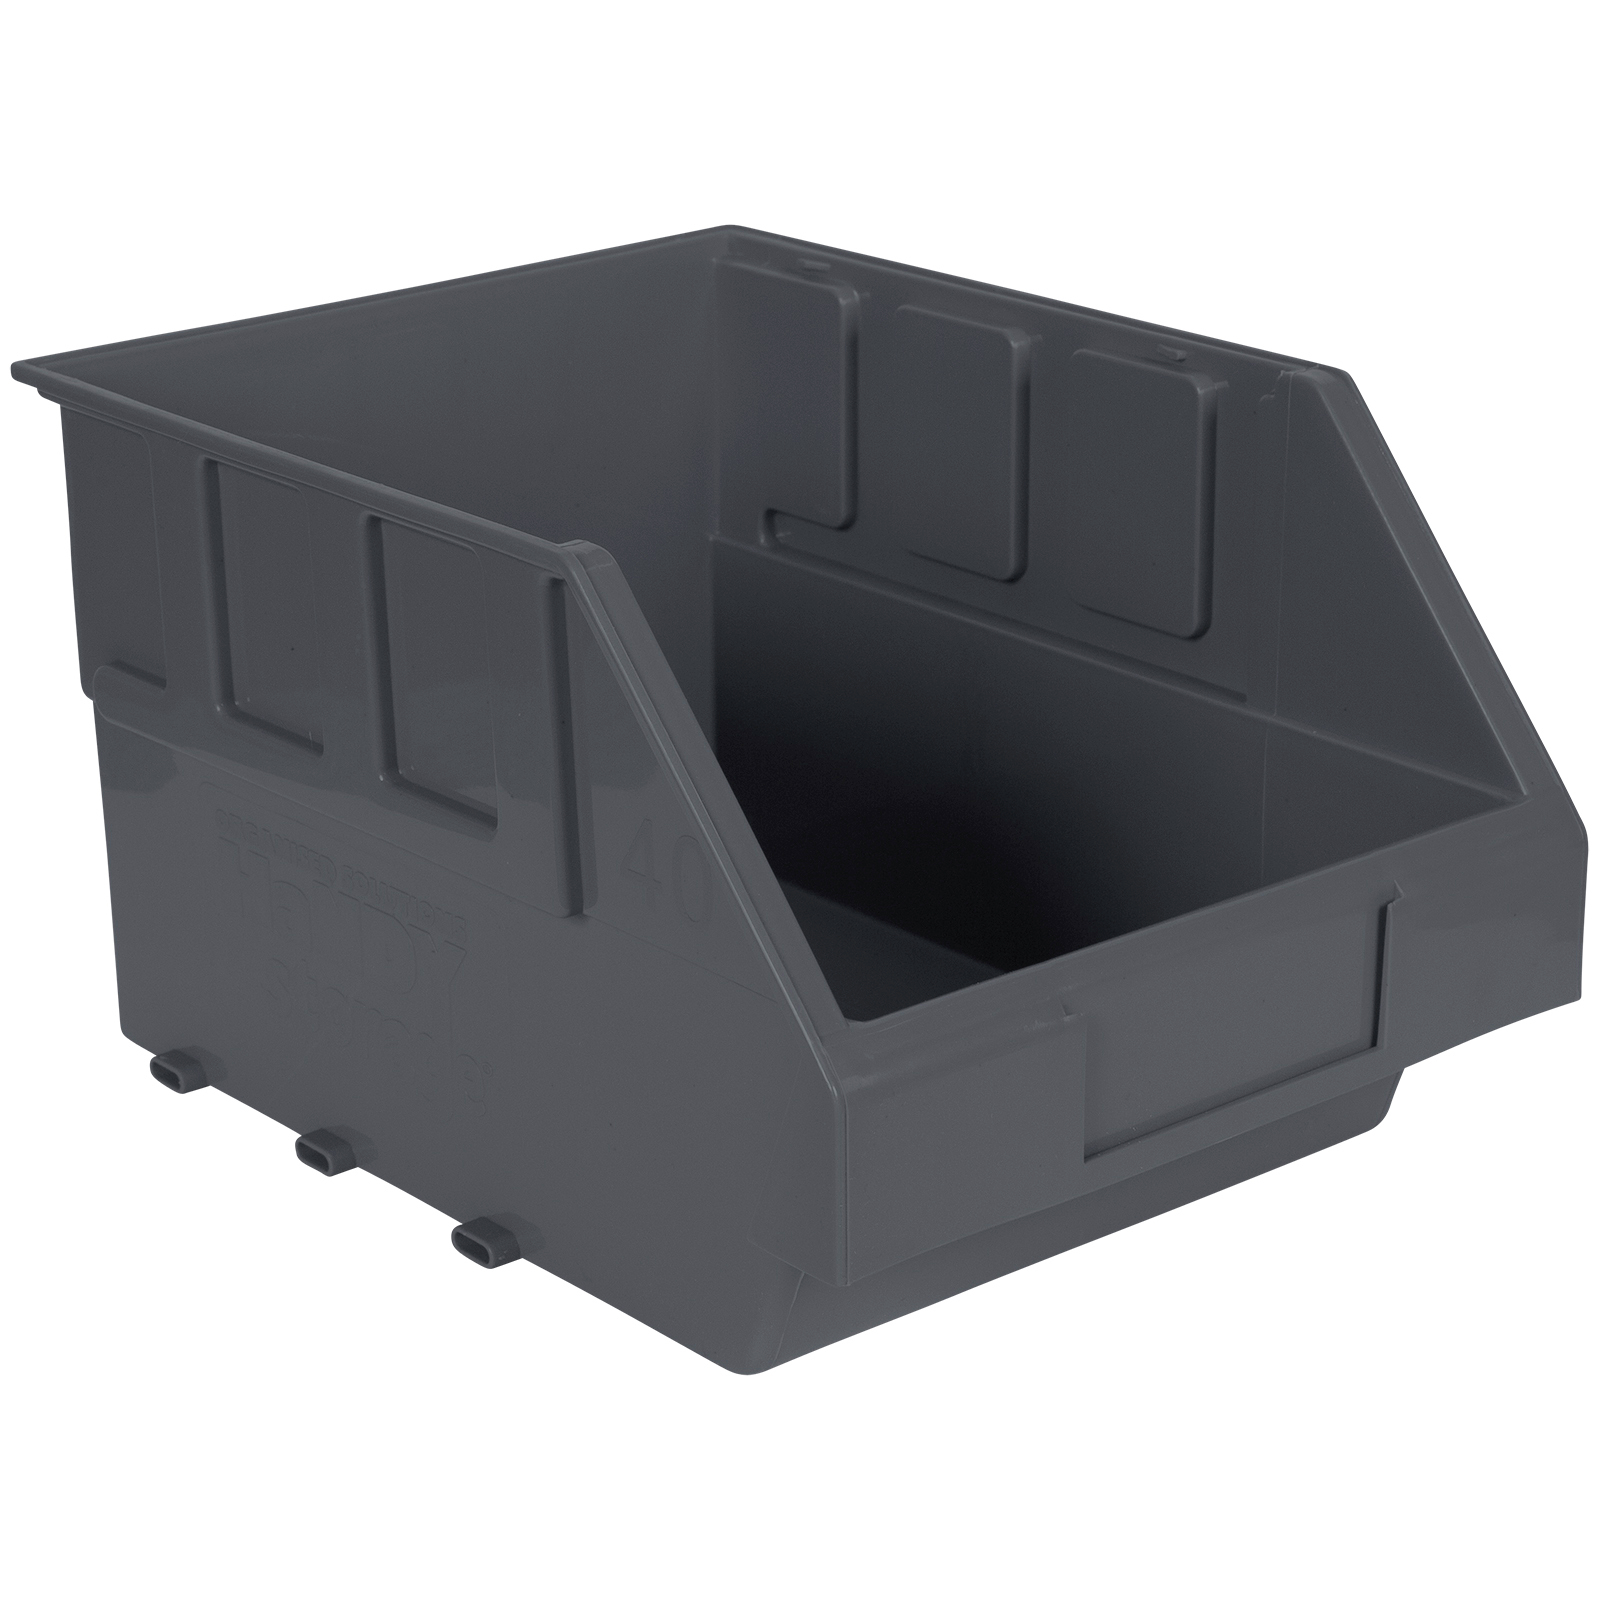 Handy Storage Size 40 Grey Plastic Storage Tote